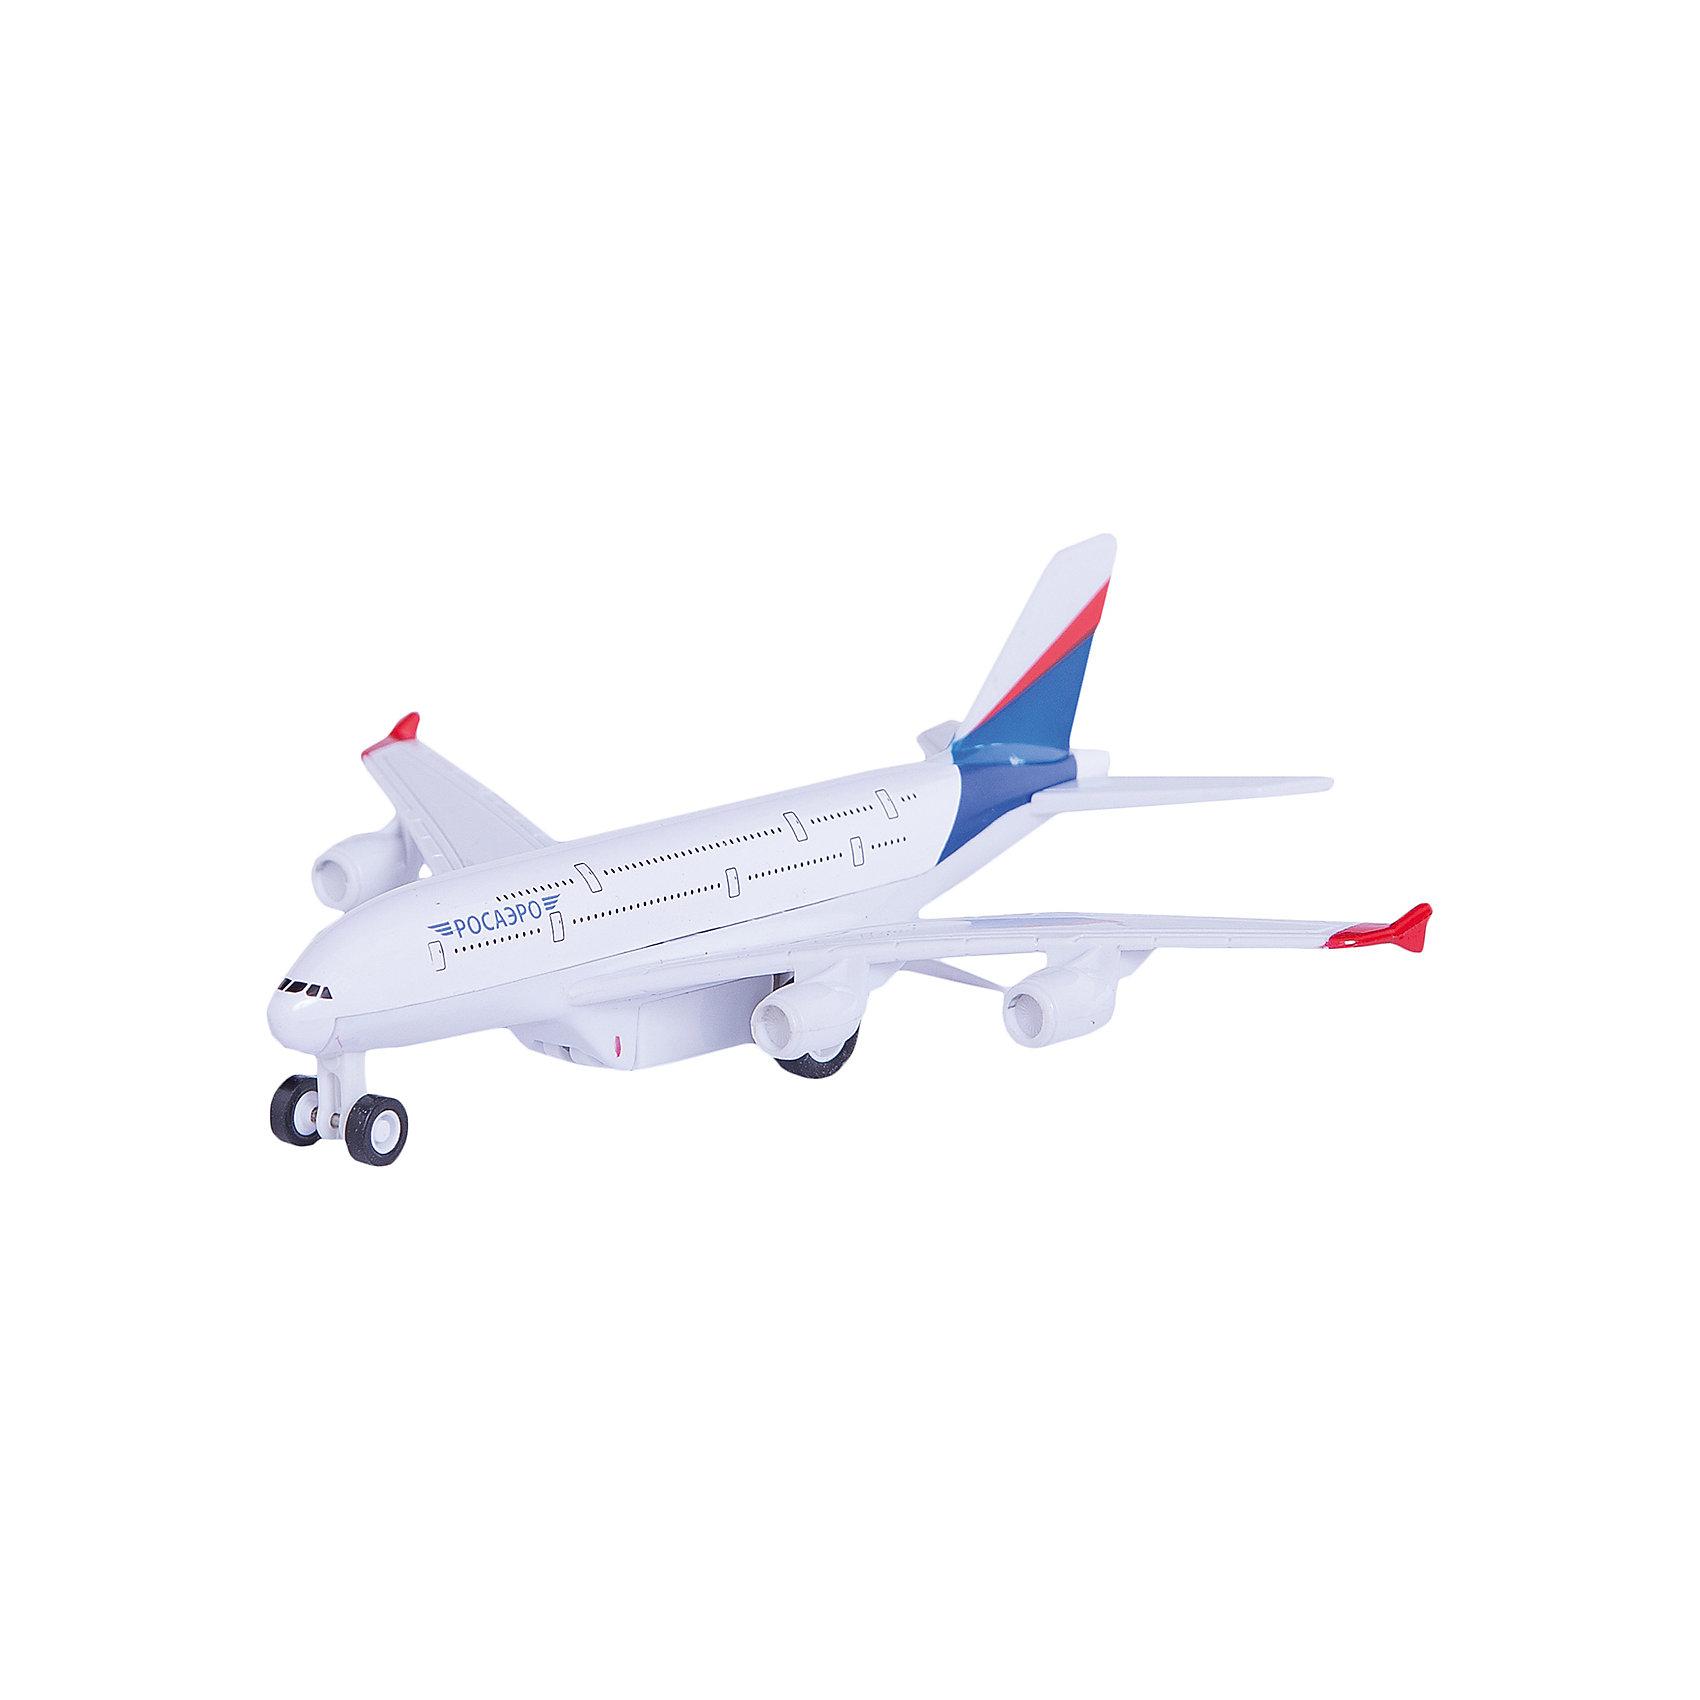 Самолет, ТехнопаркКакой мальчишка не любит технику? Игрушки могут не только развлекать малыша, но и помогать его всестороннему развитию. Этот самолет поможет формированию разных навыков, он помогает развить тактильное восприятие, цветовосприятие, воображение и мелкую моторику.<br>Изделие представляет собой игрушку с отличной детализацией из прочного материала. Она инерционная, дополнена звуковыми и световыми эффектами. Изделие произведено из качественных материалов, безопасных для ребенка.<br><br>Дополнительная информация:<br><br>цвет: разноцветный;<br>материал: пластик;<br>инерционный, со звуковыми и световыми эффектами;<br>размер упаковки: 90 x 150 x 210 мм.<br><br>Самолет от бренда Технопарк можно купить в нашем магазине.<br><br>Ширина мм: 90<br>Глубина мм: 150<br>Высота мм: 210<br>Вес г: 220<br>Возраст от месяцев: 36<br>Возраст до месяцев: 2147483647<br>Пол: Мужской<br>Возраст: Детский<br>SKU: 5002249